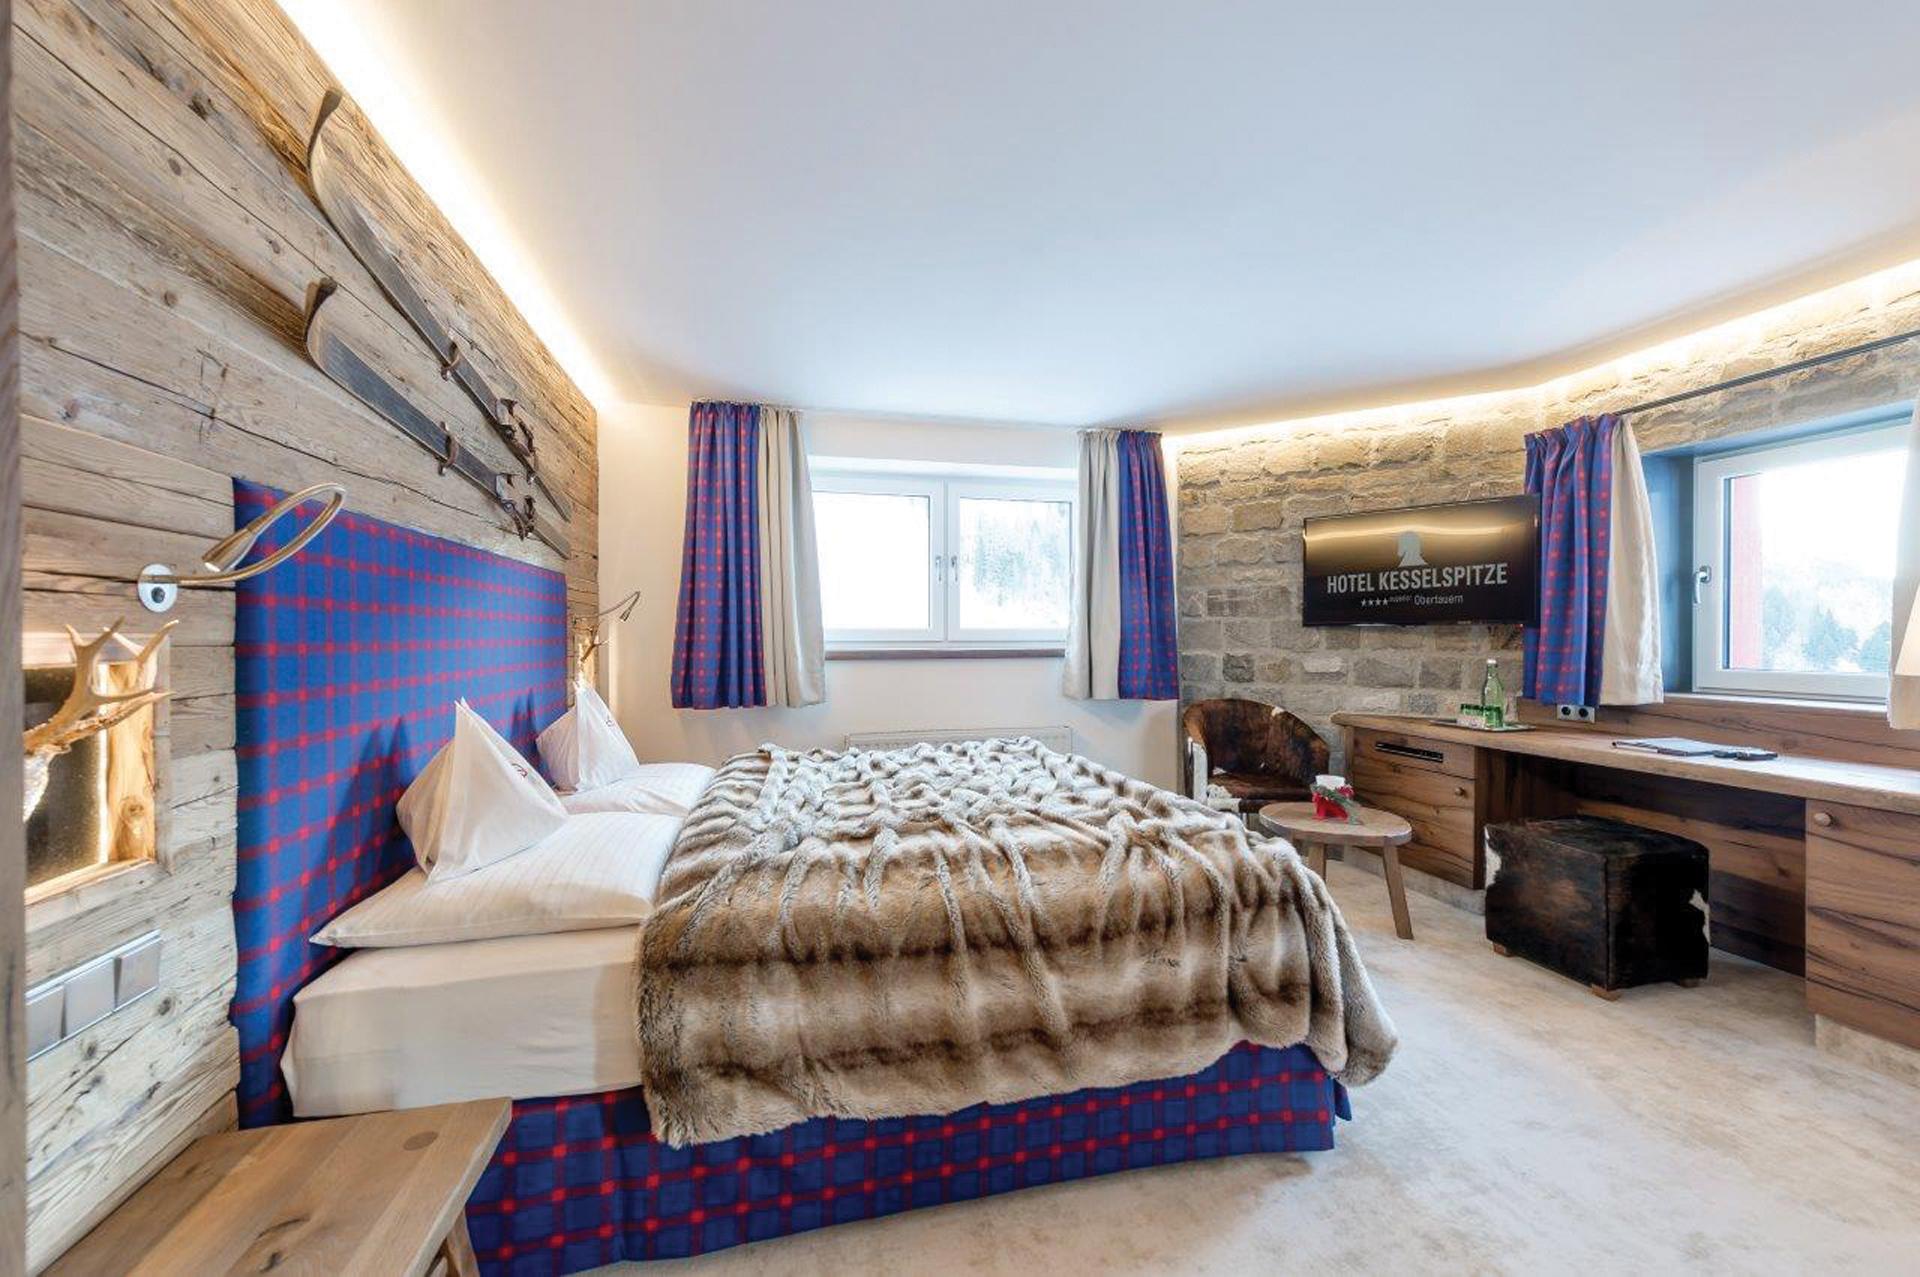 Kesselspitze stilles for Design hotel obertauern